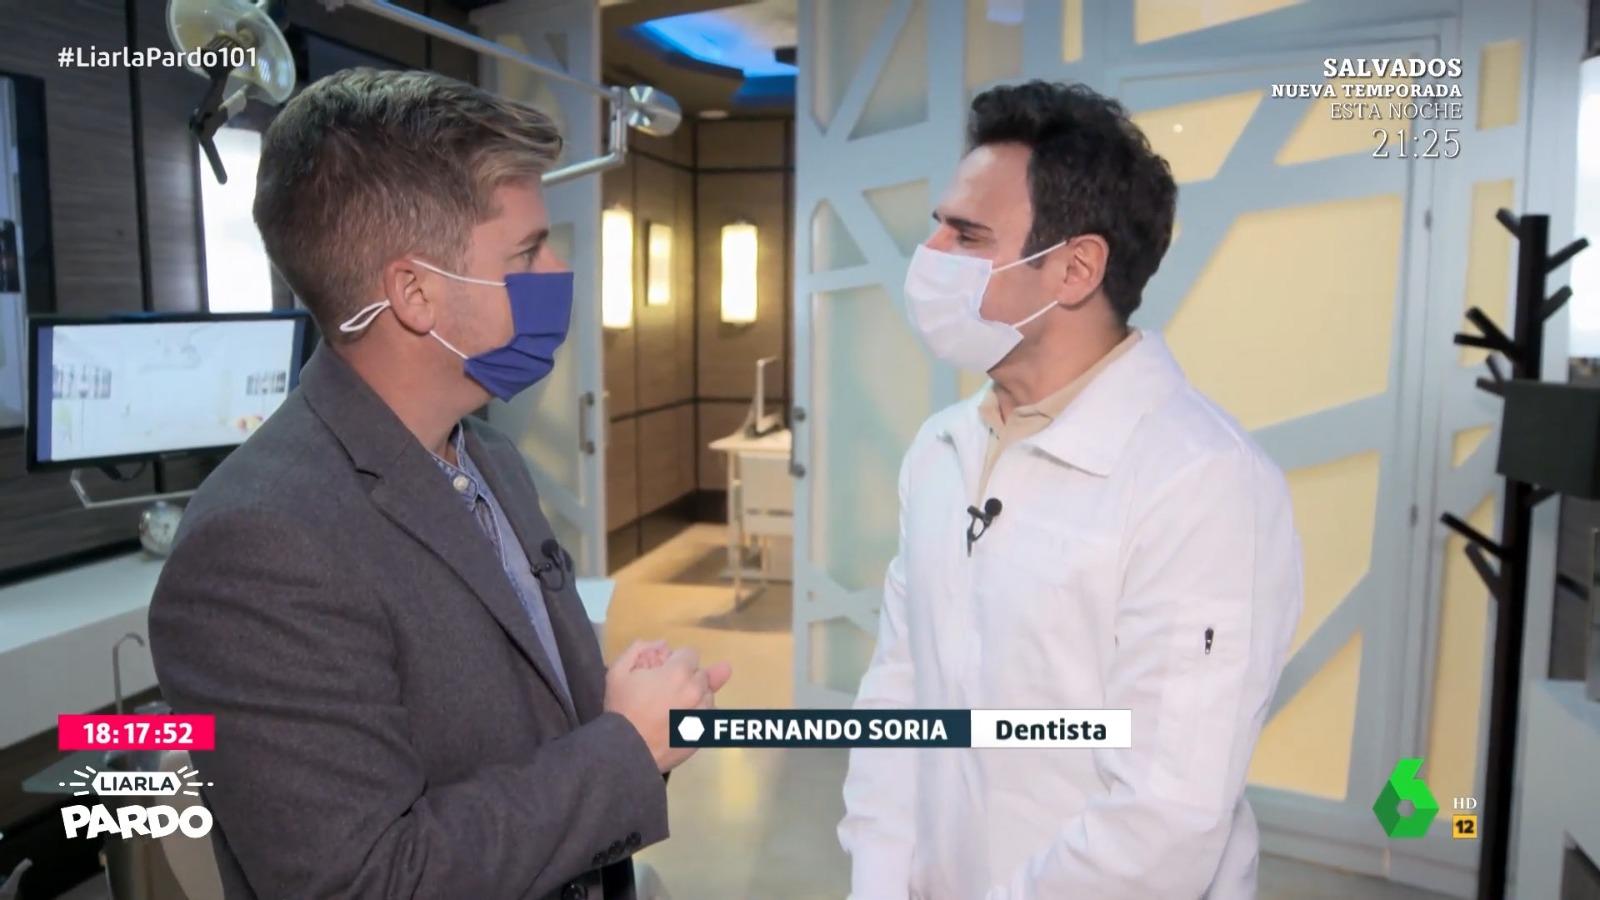 clinica dental fernando soria en la sexta